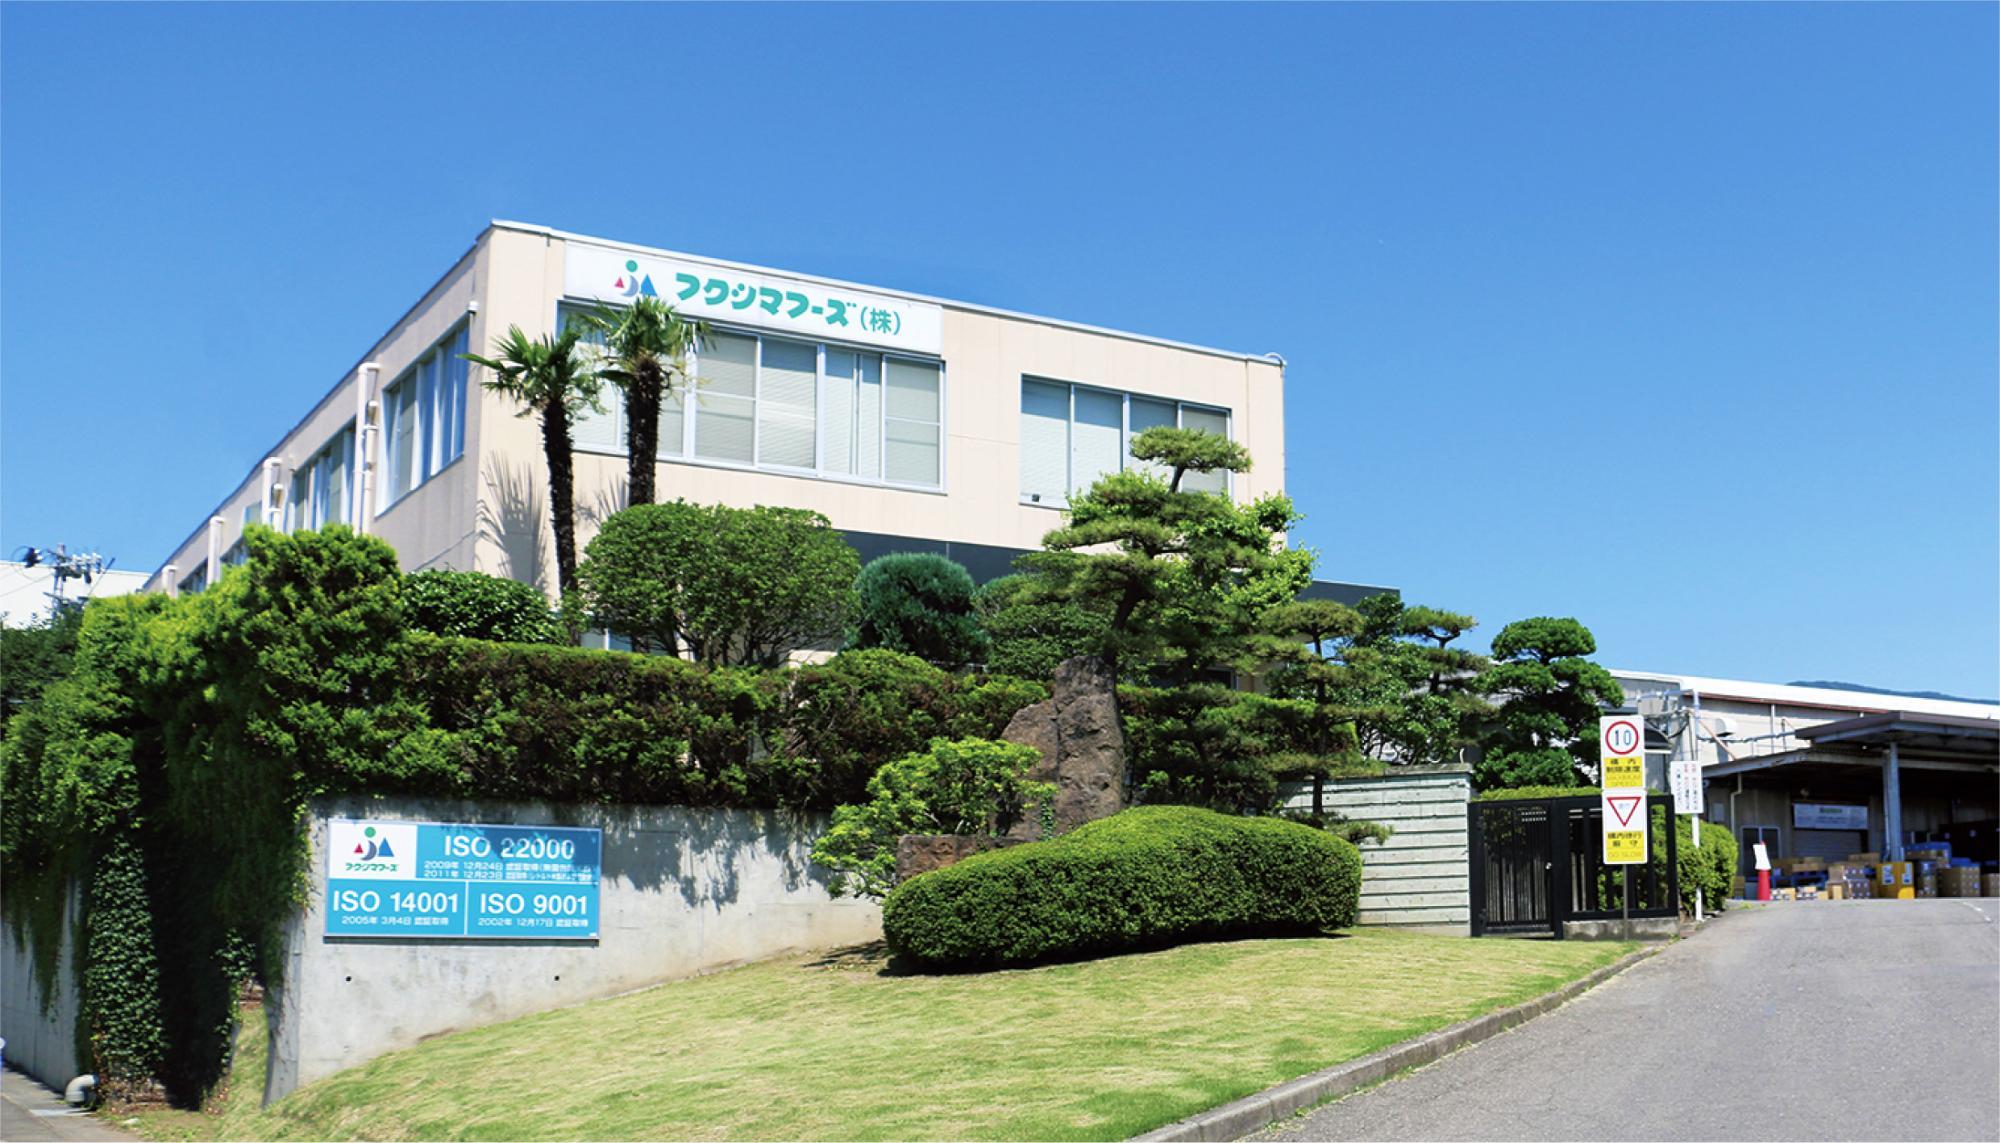 システムズ 日立 福島 オートモティブ